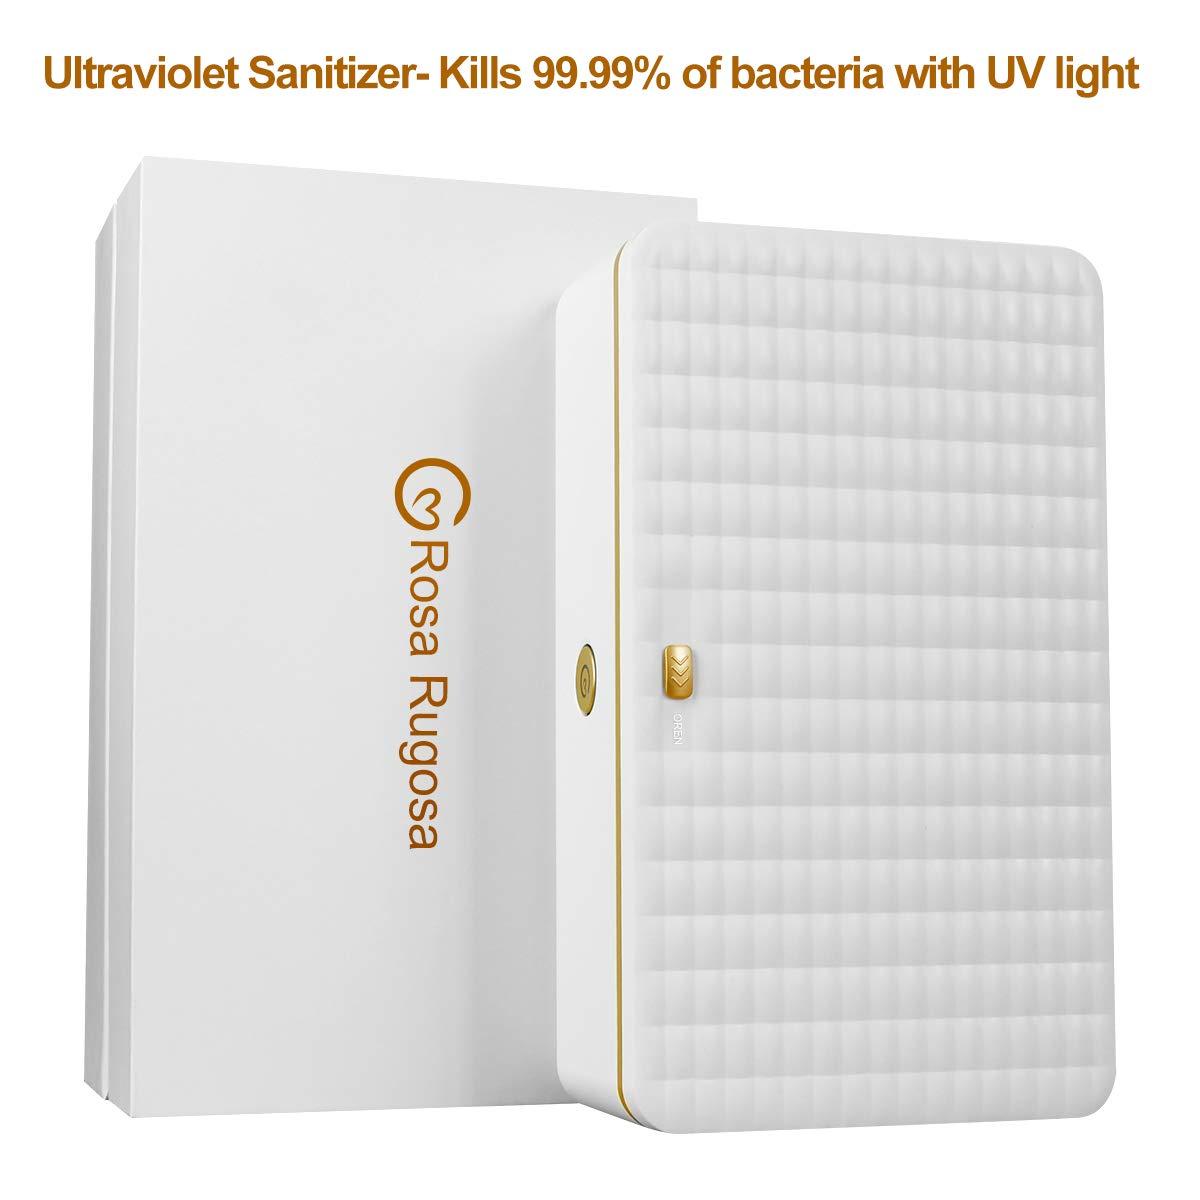 KMESOYI UVライト 殺菌ボックス ポータブル 紫外線ライト 殺菌ボックス 殺菌ランプ 携帯電話 おしゃぶり 歯ブラシ メイクアップブラシ サロンツール テーブルウェア B07K23XRHH